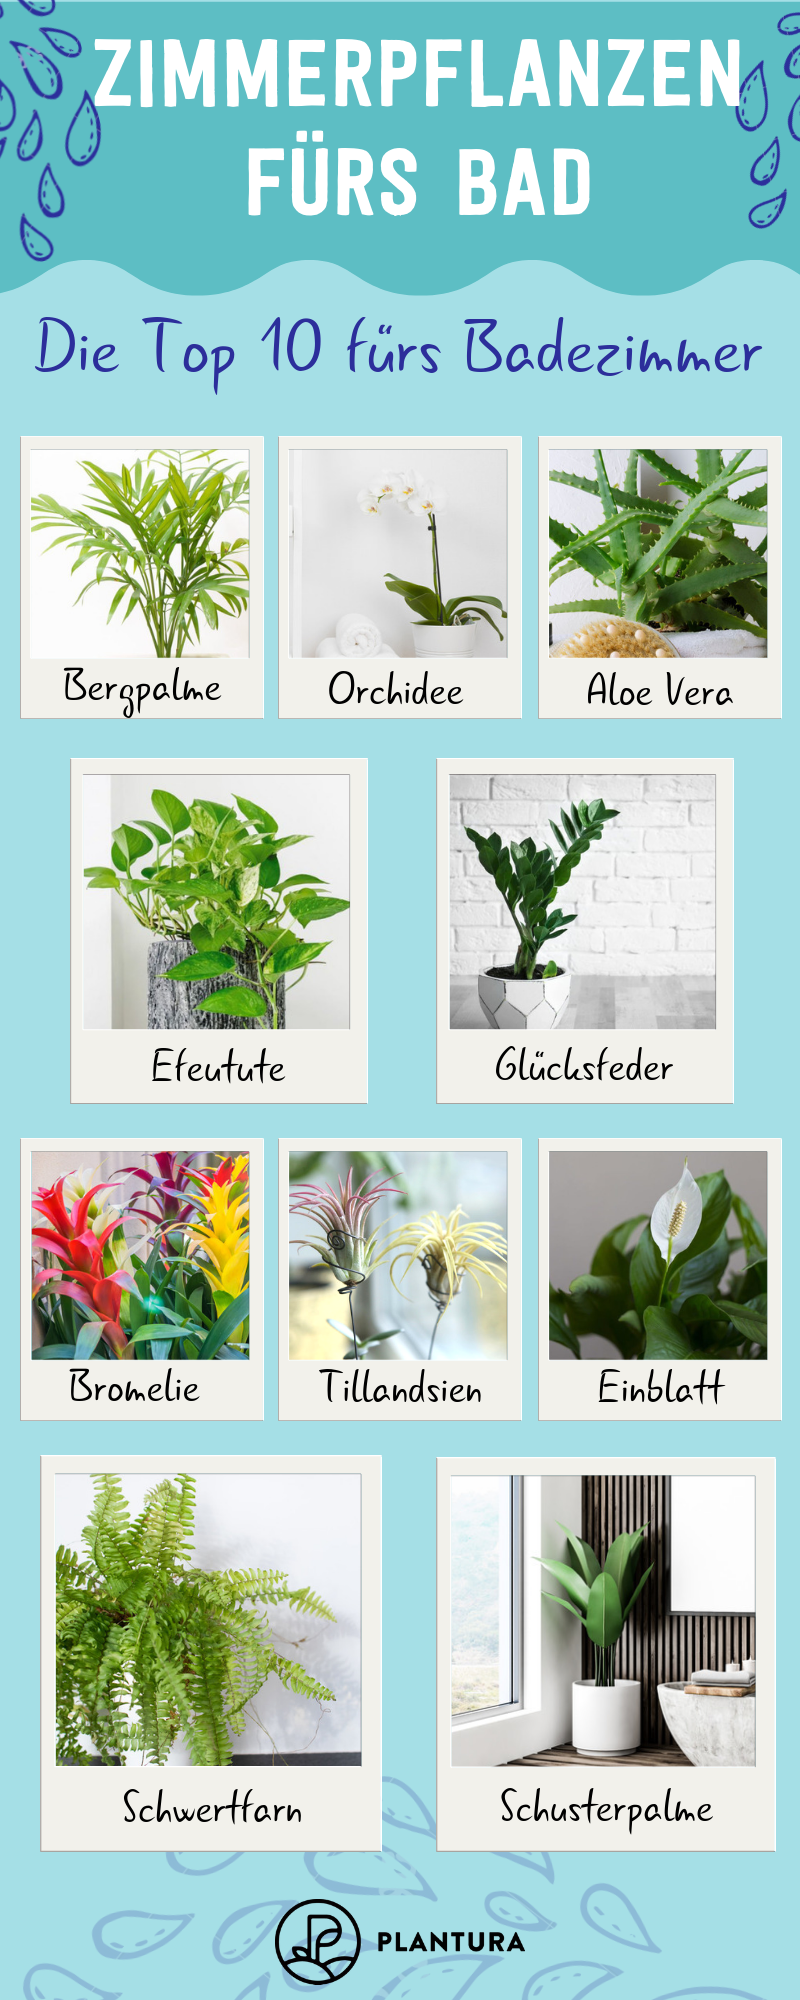 Pflanzen Furs Bad 10 Arten Fur Die Wellnessoase Plantura Pflanzen Furs Bad Zimmerpflanzen Badezimmerpflanzen